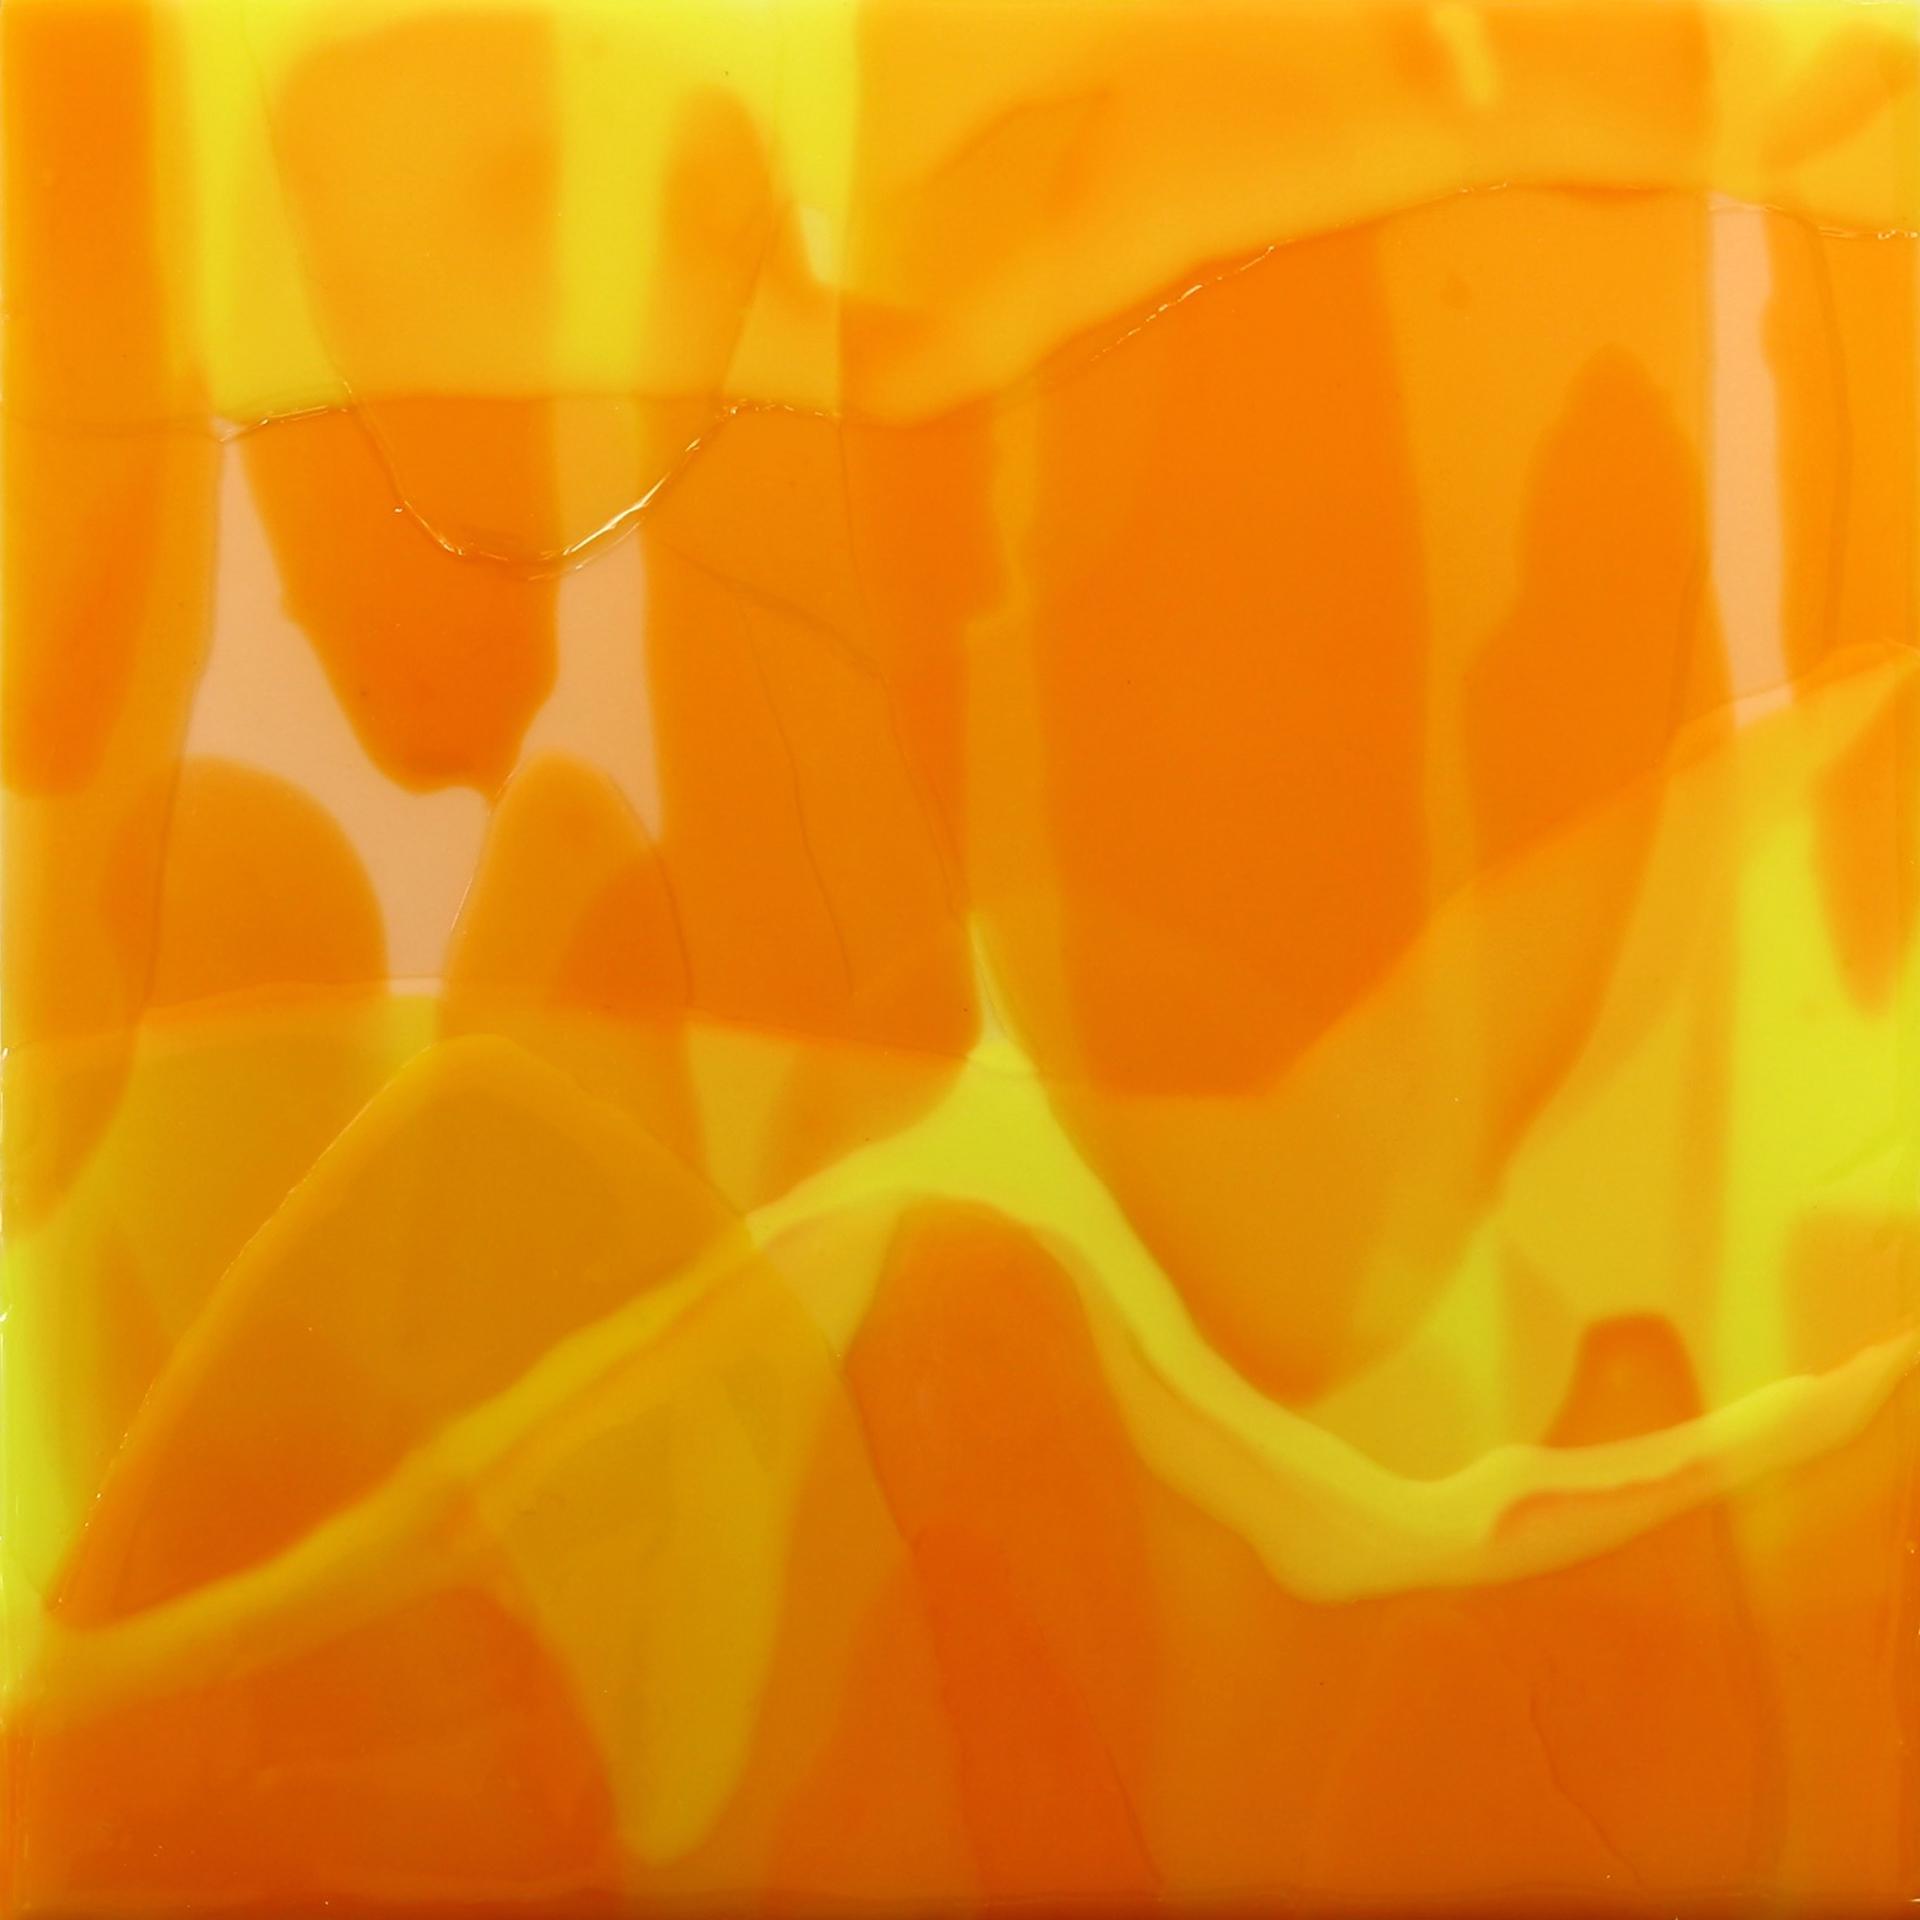 Yellow-Orange Square by Farida Hughes